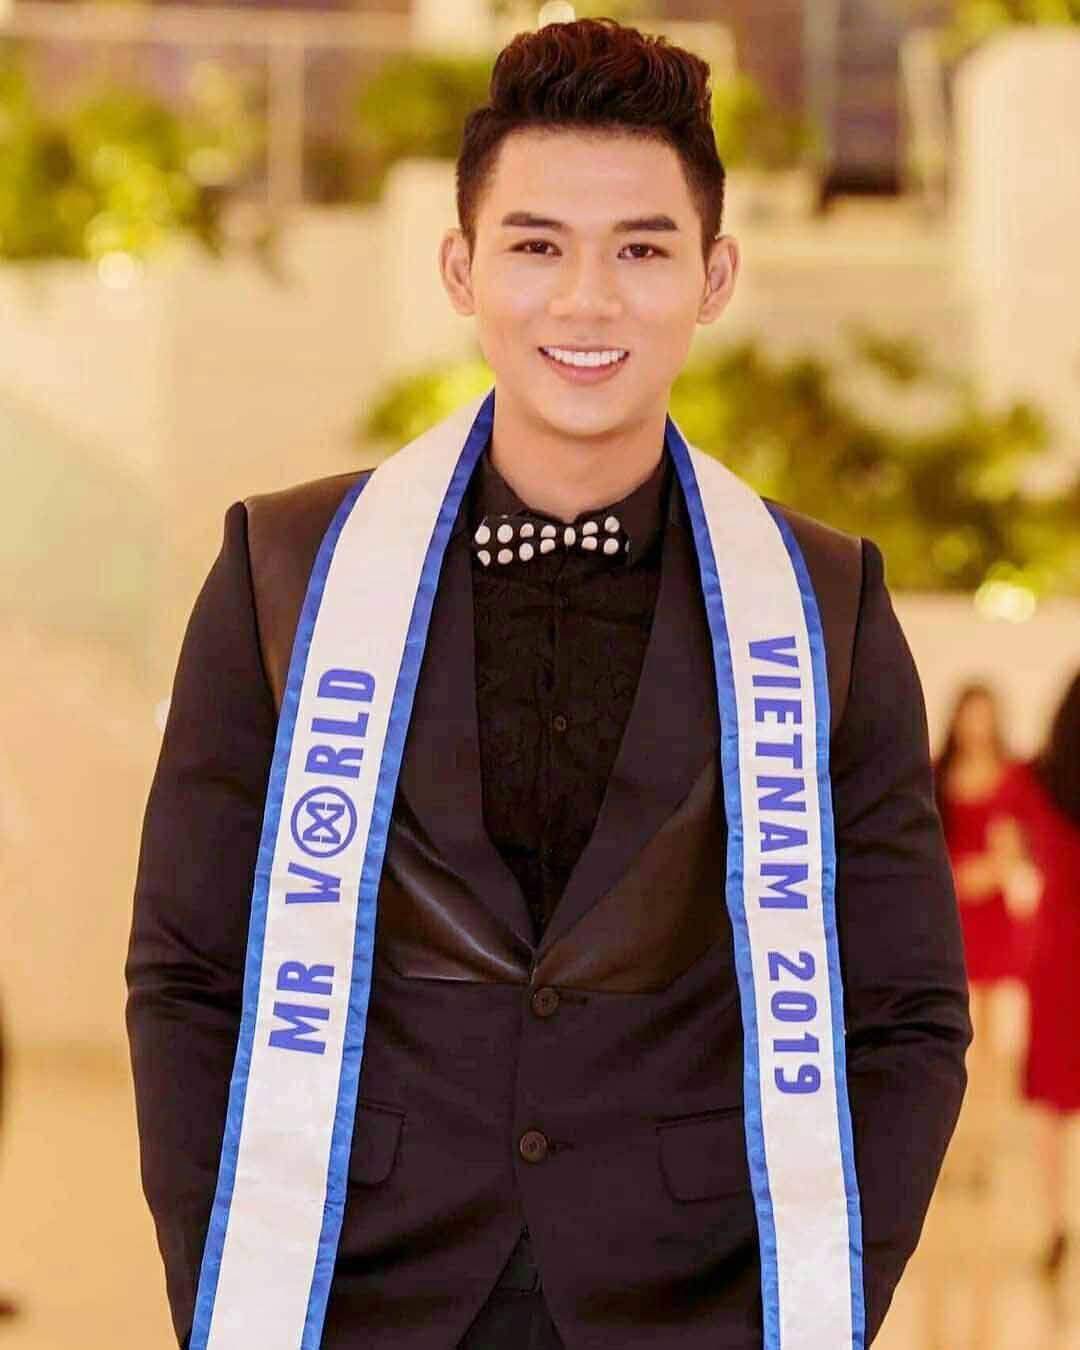 Năm nay Việt Nam không có đại diện tại Nam vương Thế giới - Mr World do thí sinh Trần Công Hậu đến phút cuối đã bỏ cuộc vì vướng lịch thi học kỳ tại Trường Đại học tài chính Makerting (TPHCM).